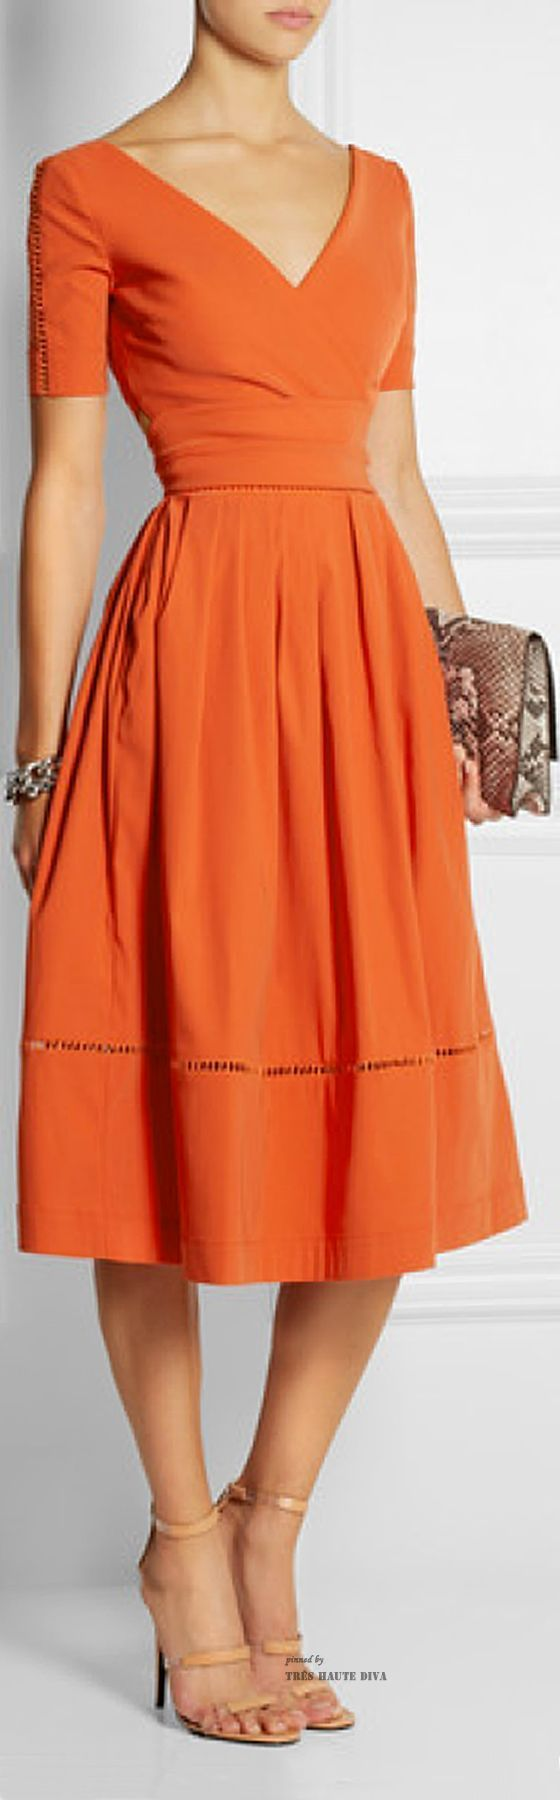 Sommerkleid in Orange (Farbpassnummer 33) Kerstin Tomancok Farb-, Typ-, Stil & Imageberatung